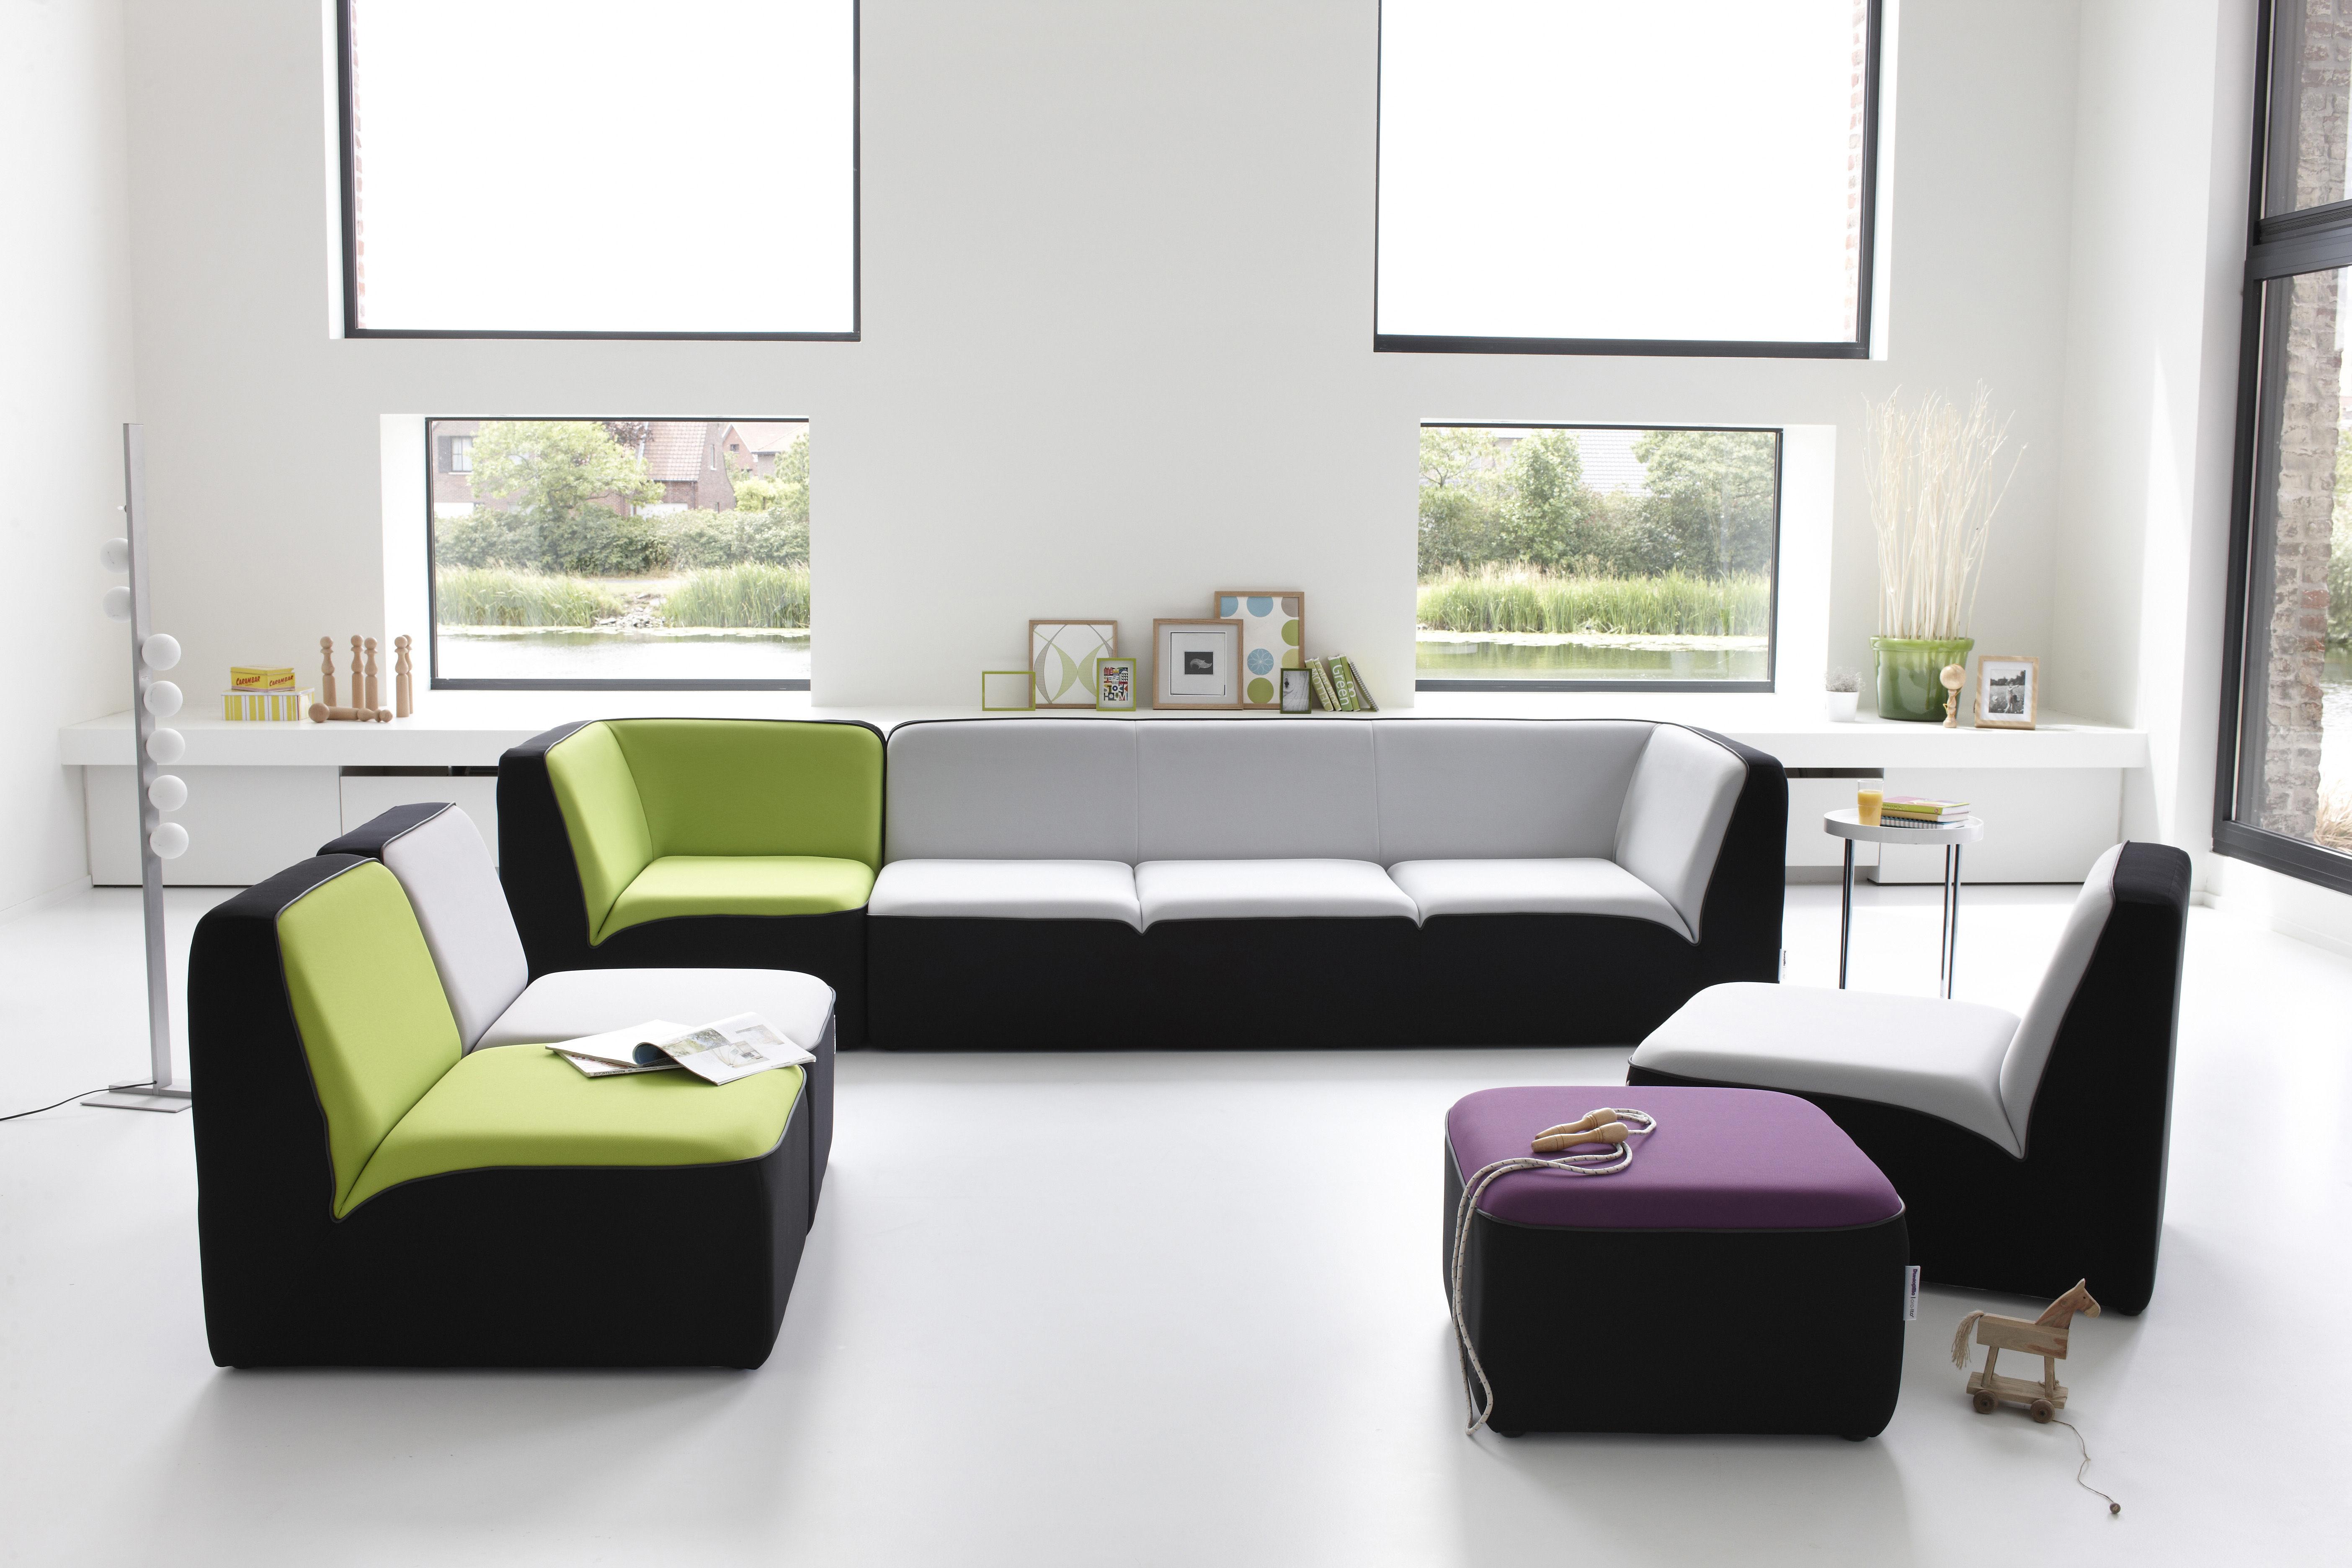 canap droit e motion by ora ito 2 places l 160 cm noir passepoil noir mat dunlopillo. Black Bedroom Furniture Sets. Home Design Ideas